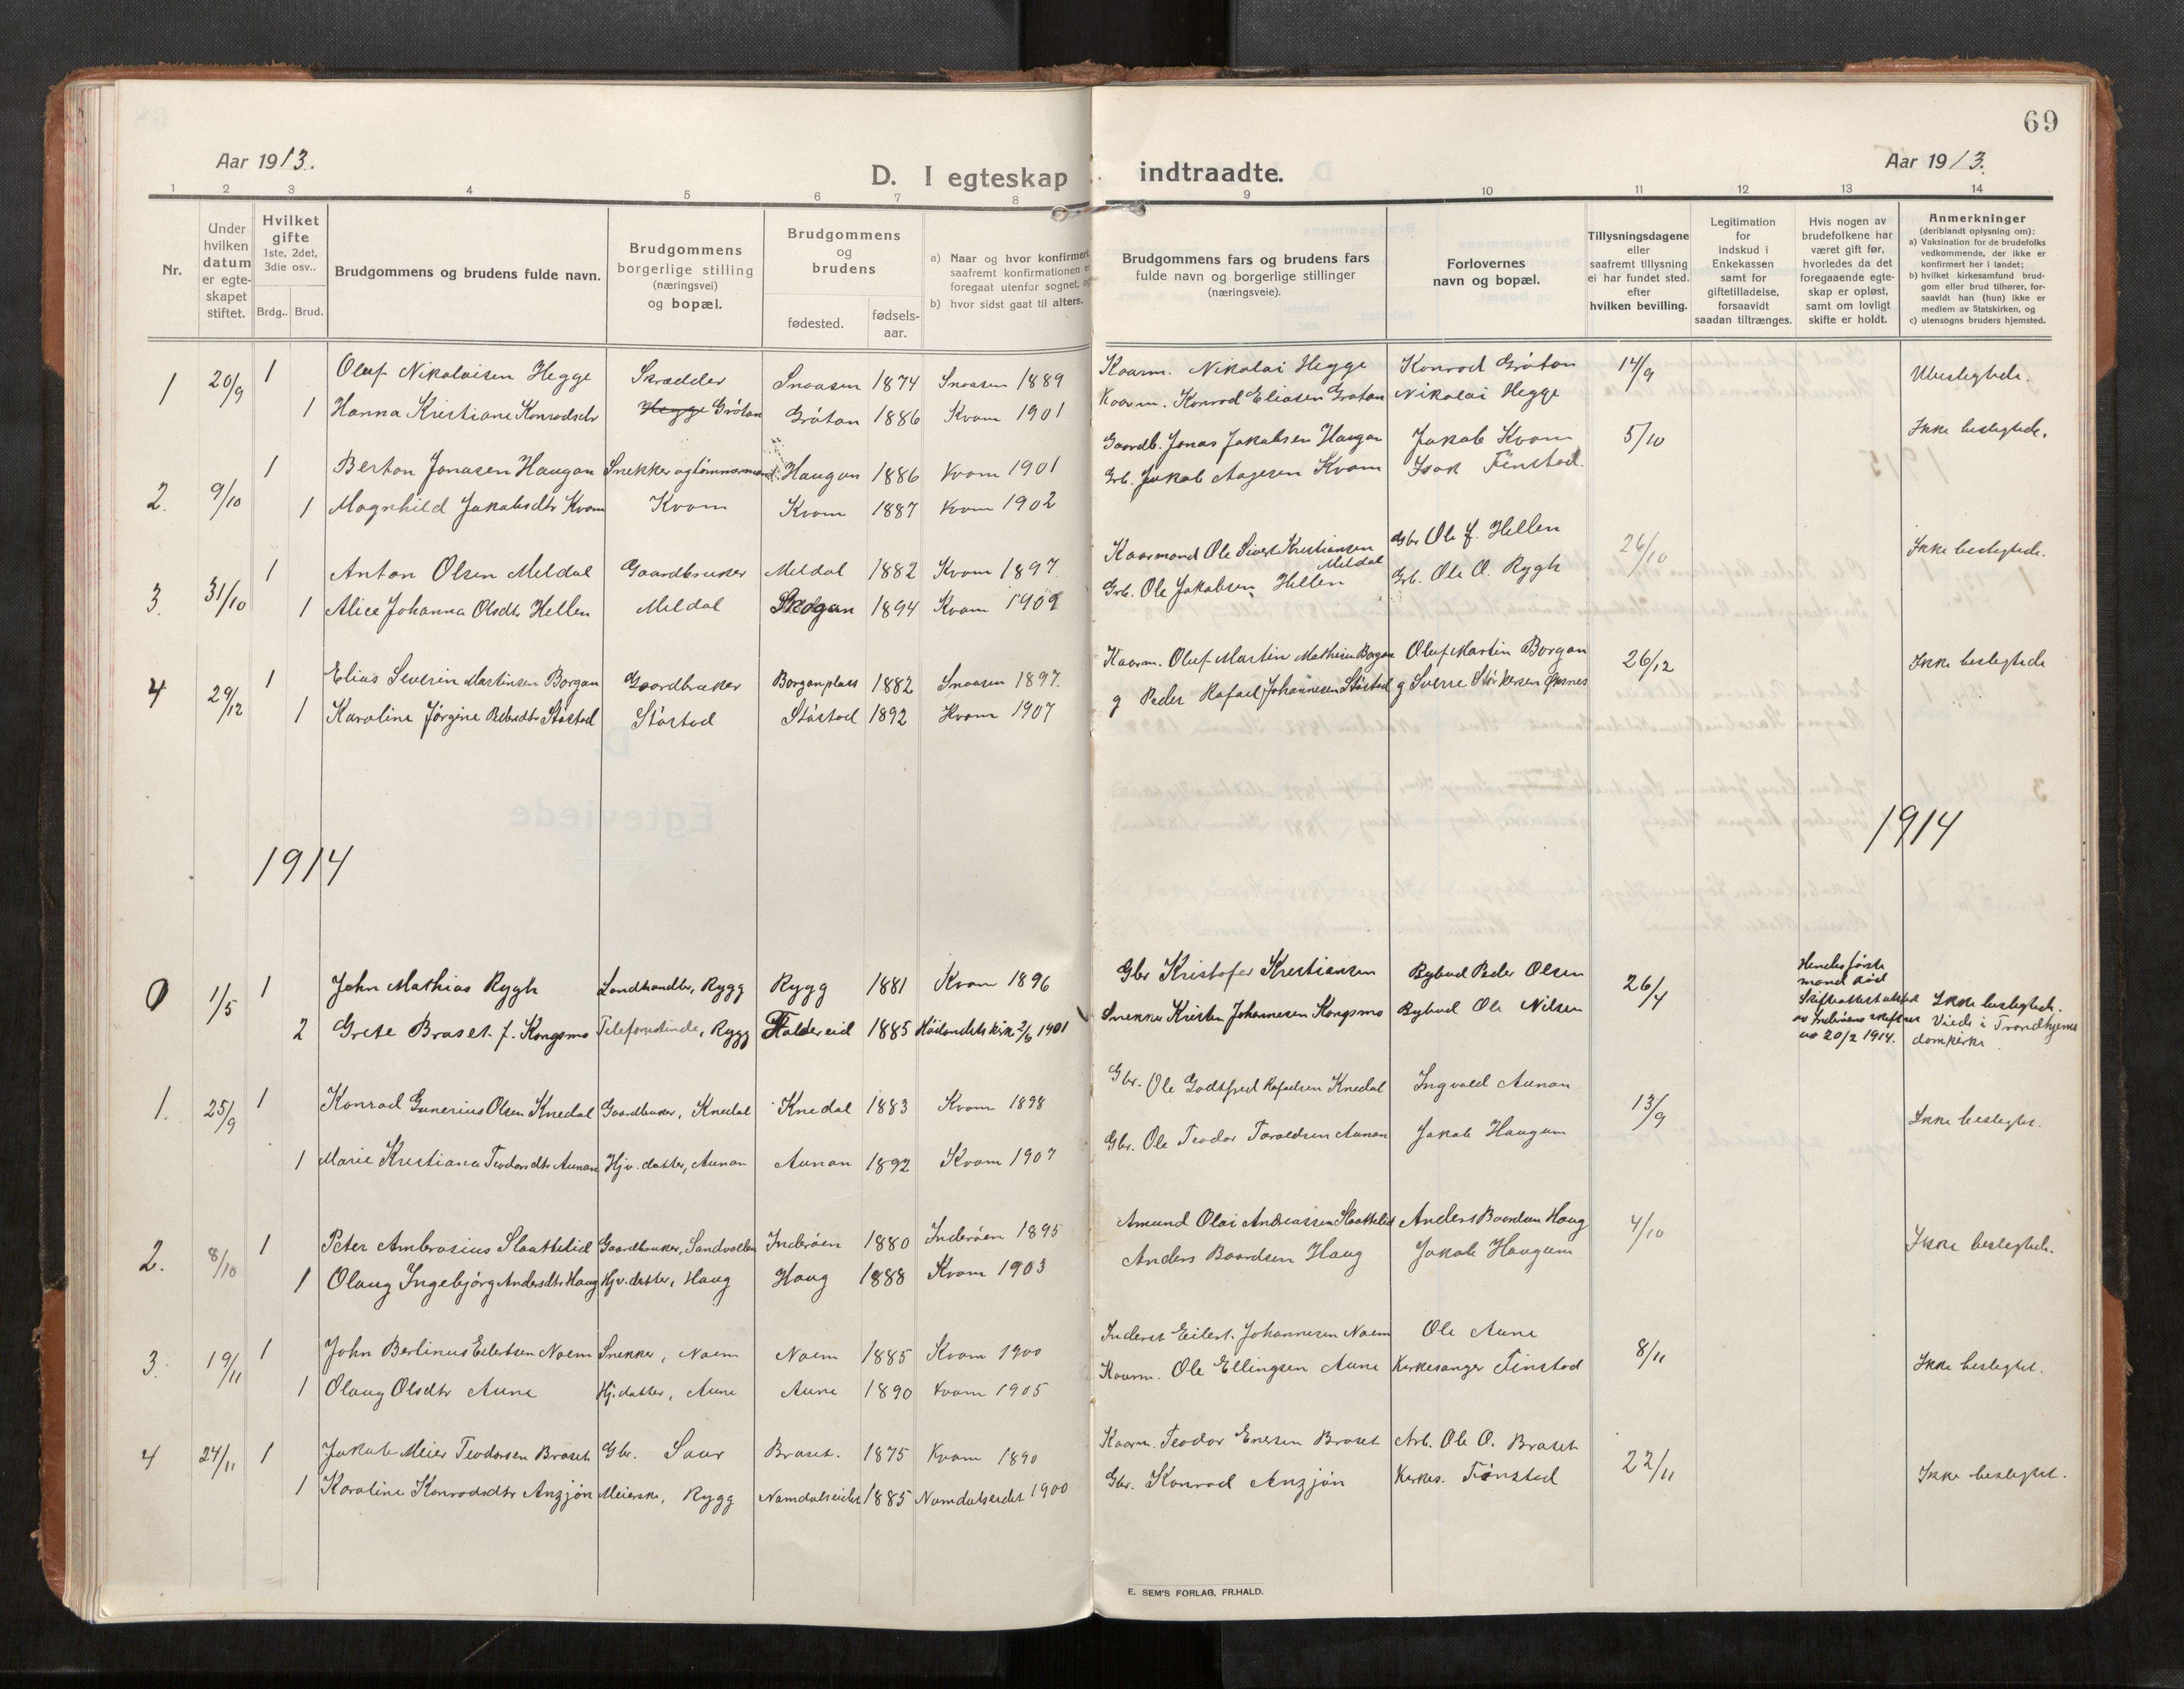 SAT, Stod sokneprestkontor, I/I1/I1a/L0004: Ministerialbok nr. 4, 1913-1933, s. 69